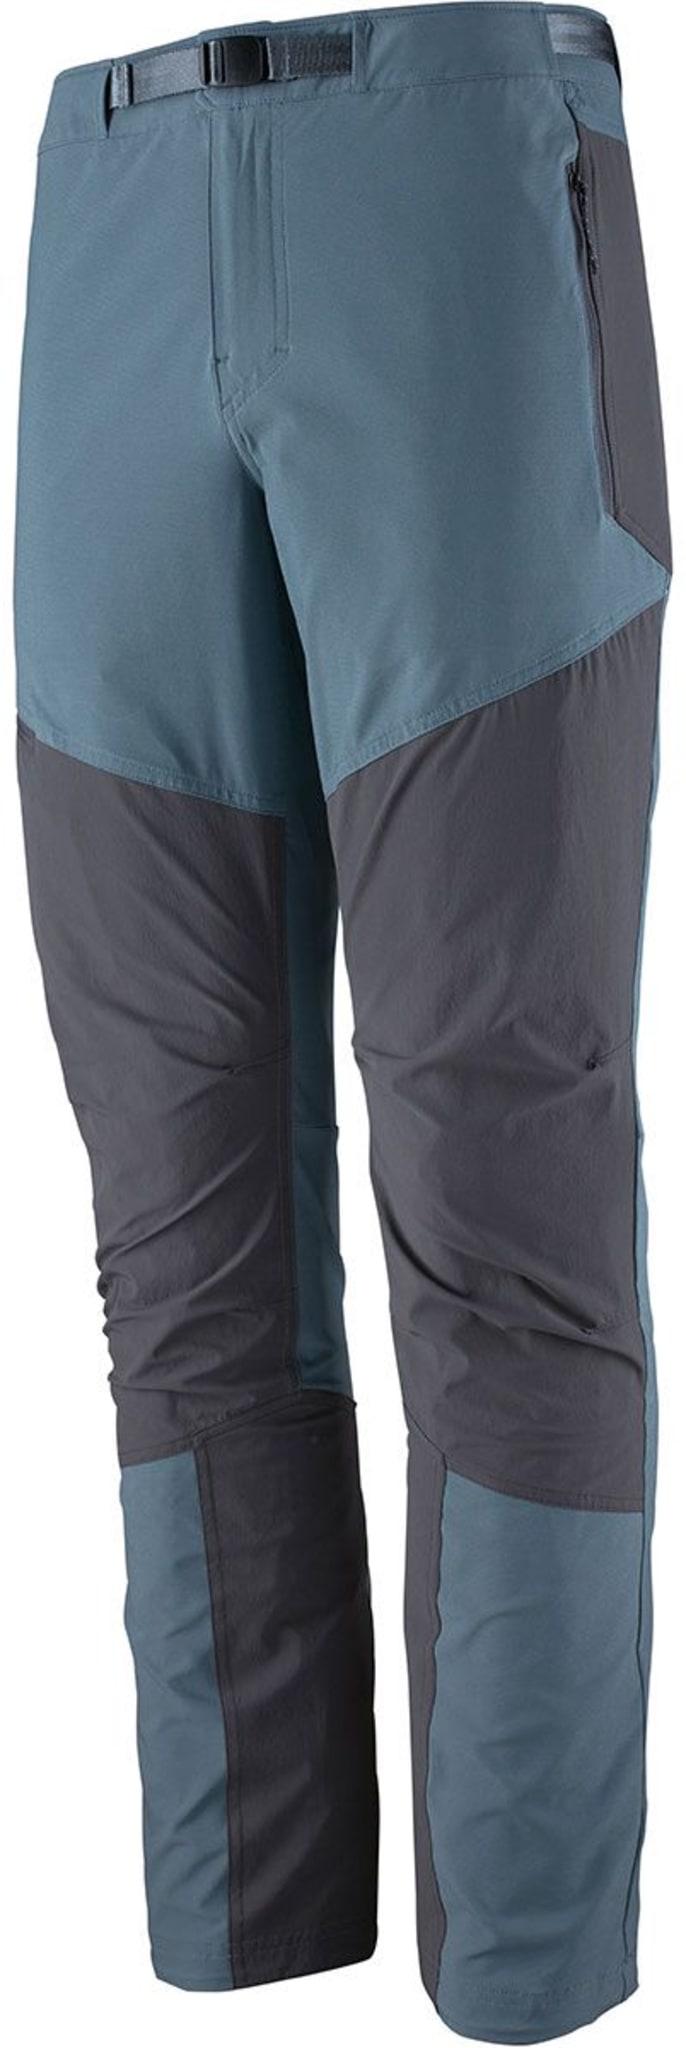 Allsidige softshell bukser til aktivitet i fjellet!